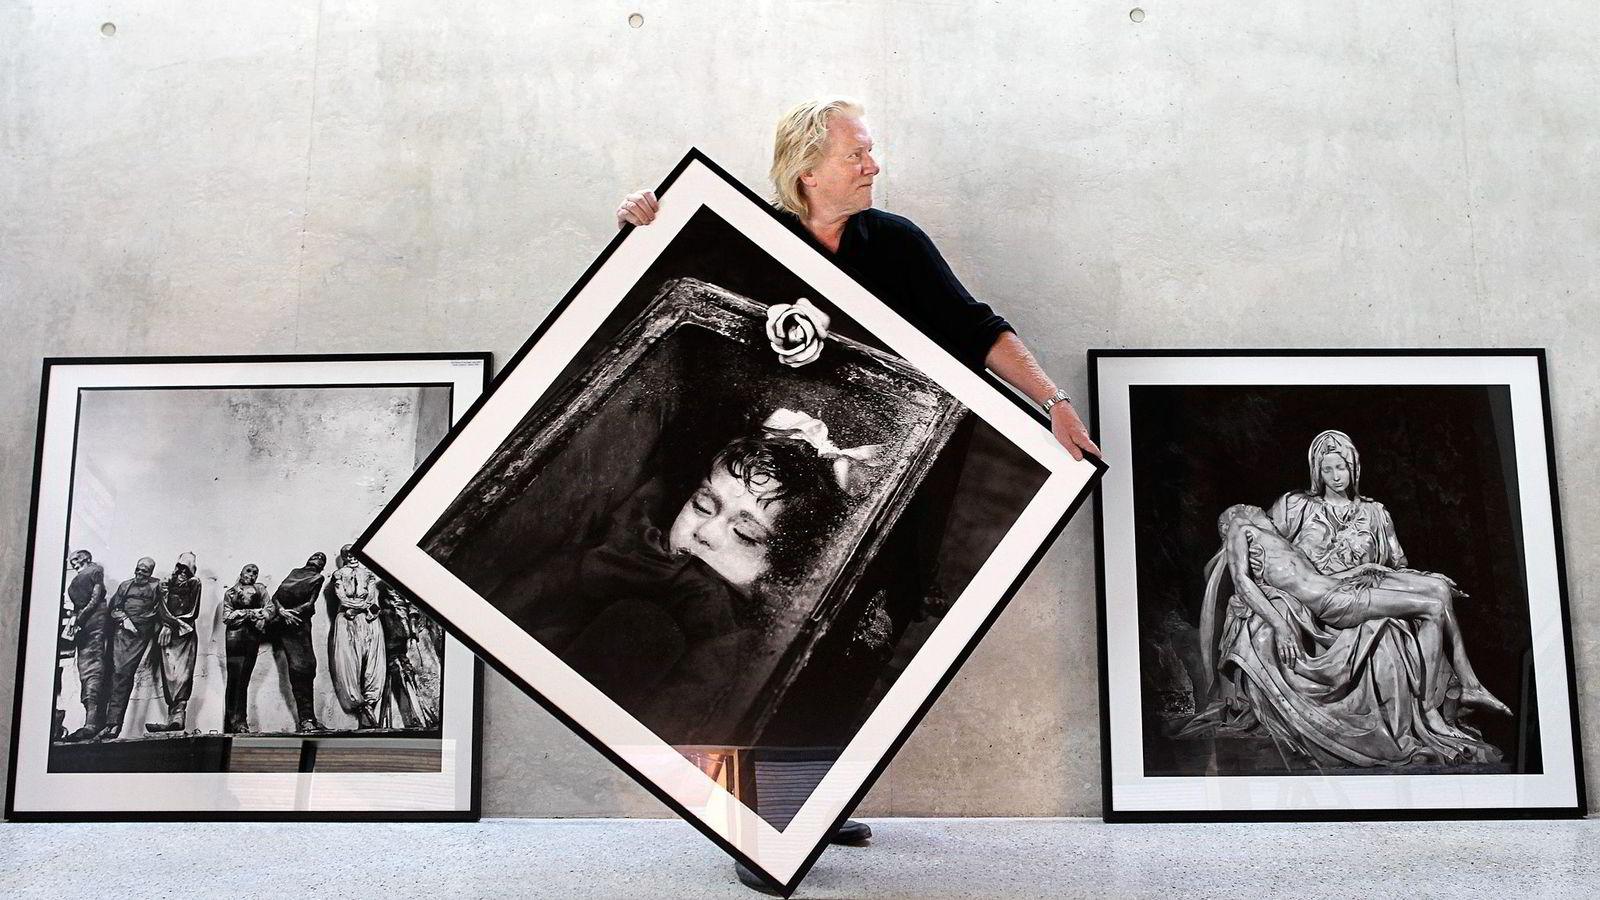 Fotograf Morten Krogvold sier han har tilstått og ordnet grundig opp i forholdene. – Jeg tar den straff som samfunnet mener jeg fortjener, sier Krogvold. Foto: Trond Solberg/NTB Scanpix